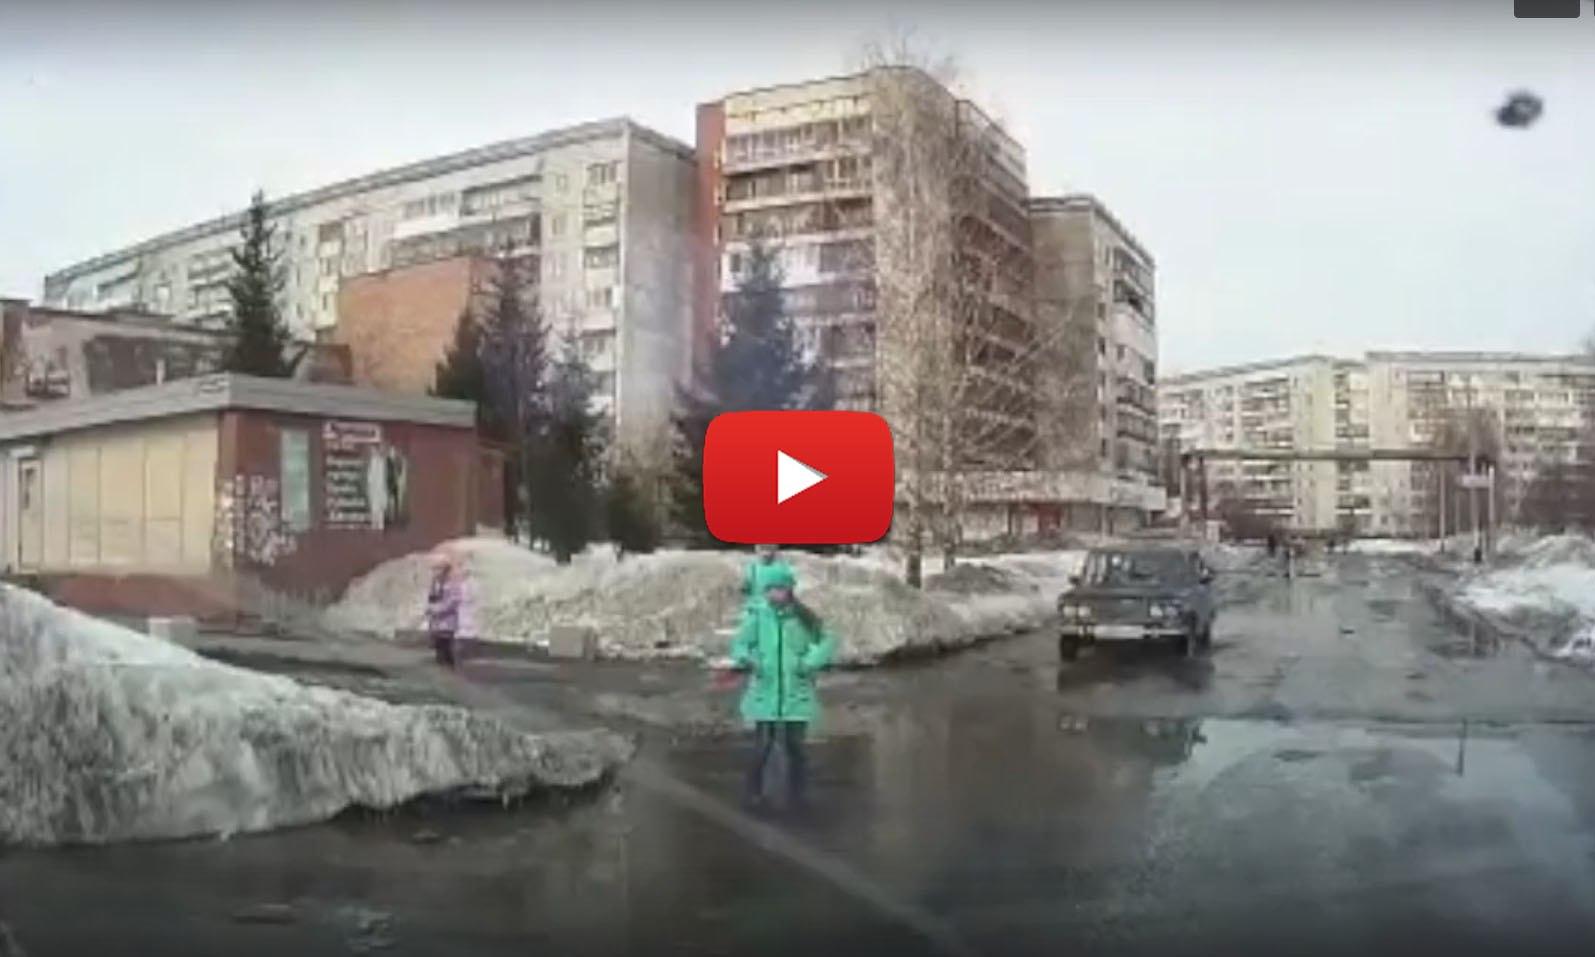 В Томске школьница утонула в дорожной яме (видео)